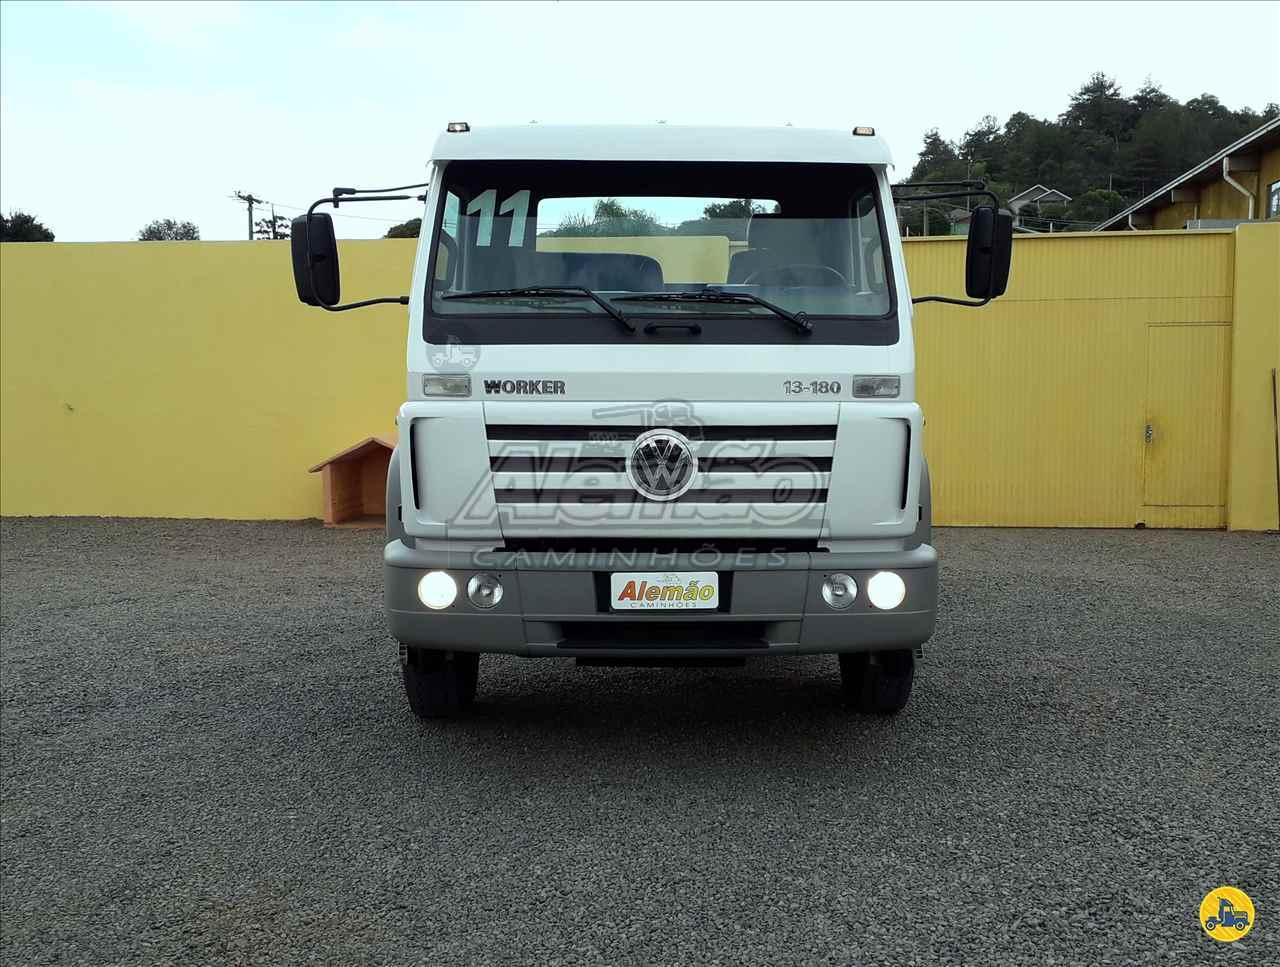 CAMINHAO VOLKSWAGEN VW 13180 Chassis Toco 4x2 Alemão Caminhões GETULIO VARGAS RIO GRANDE DO SUL RS